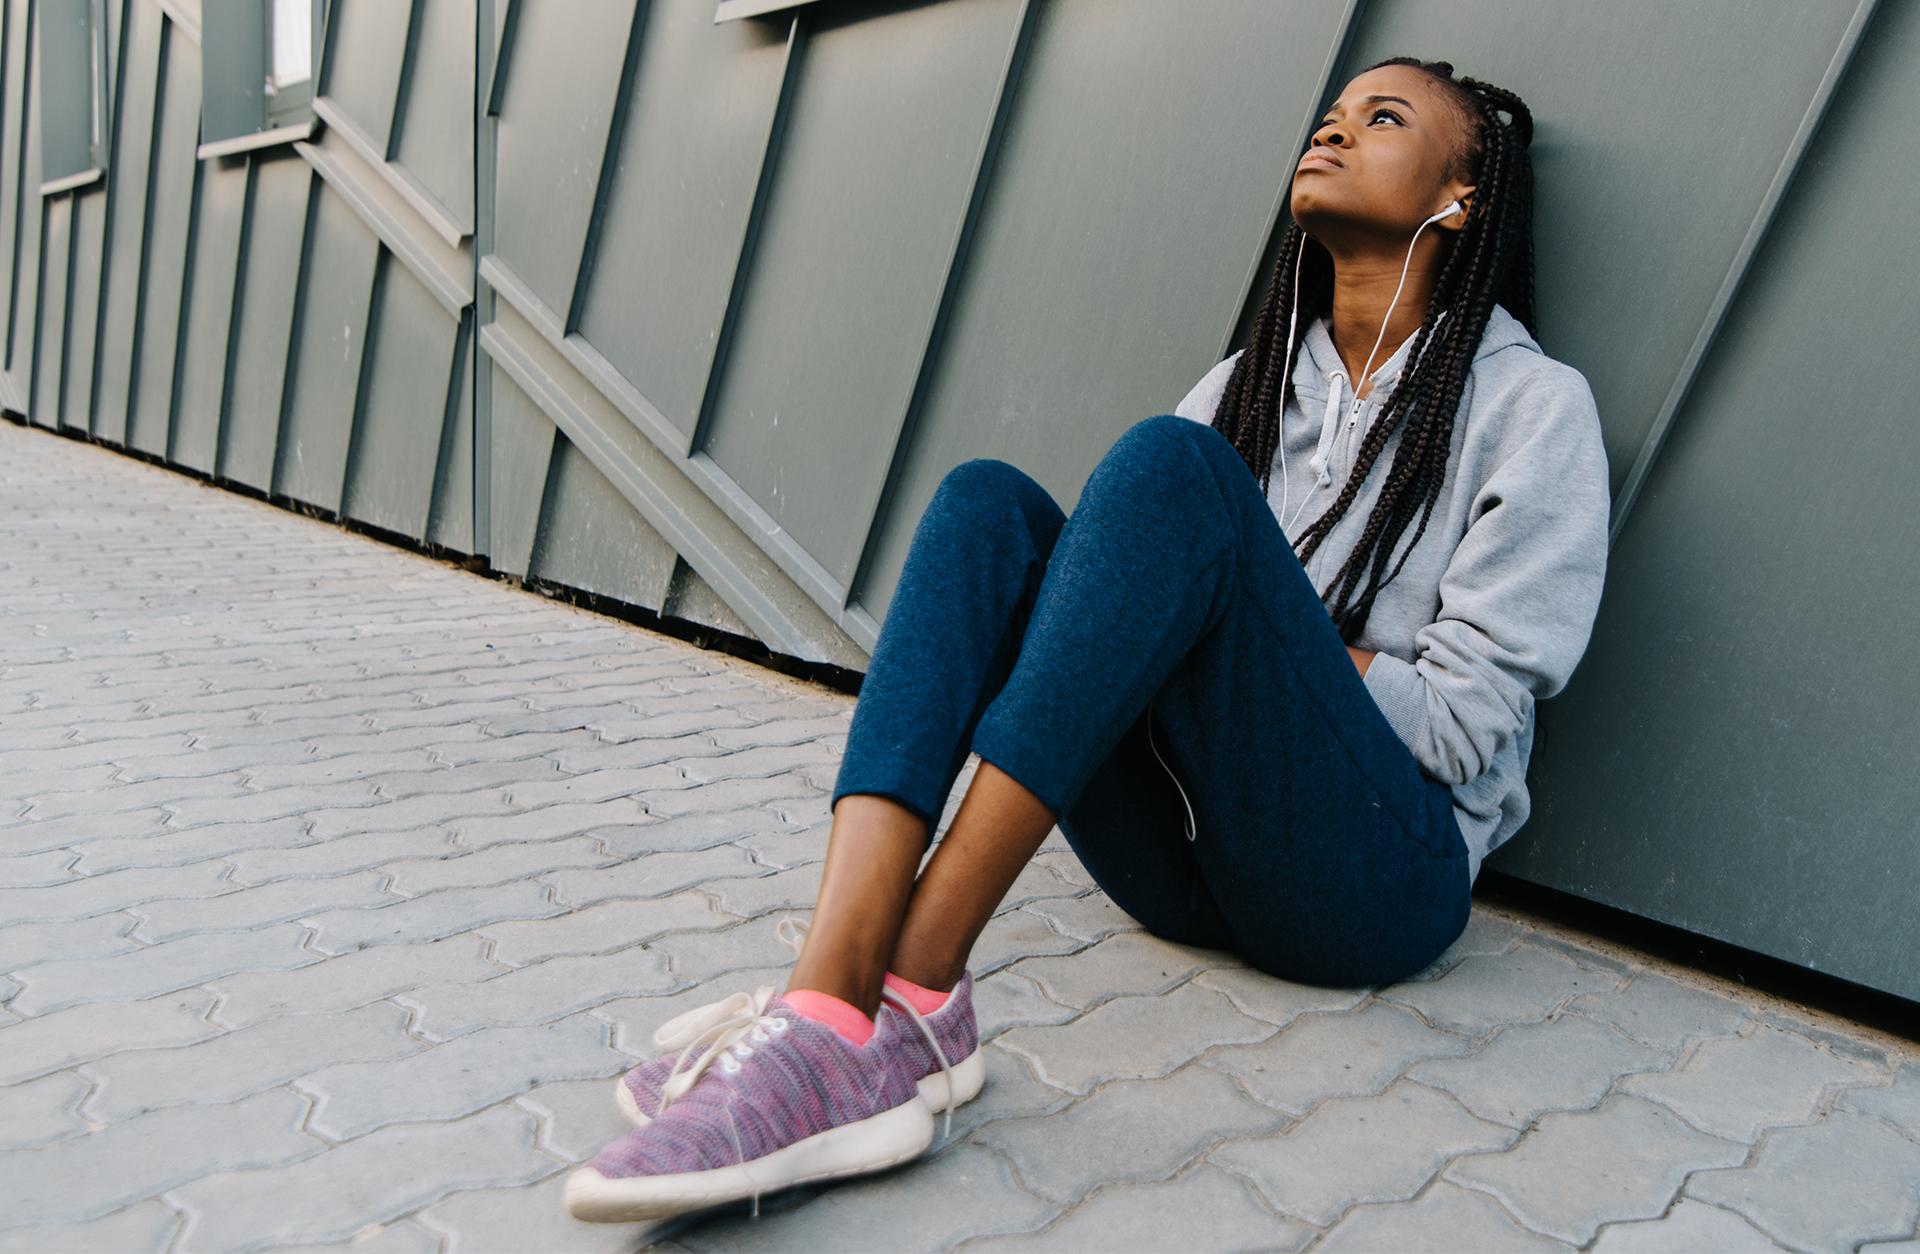 Kvinna sitter på marken och ser grubblande ut med hörlurar